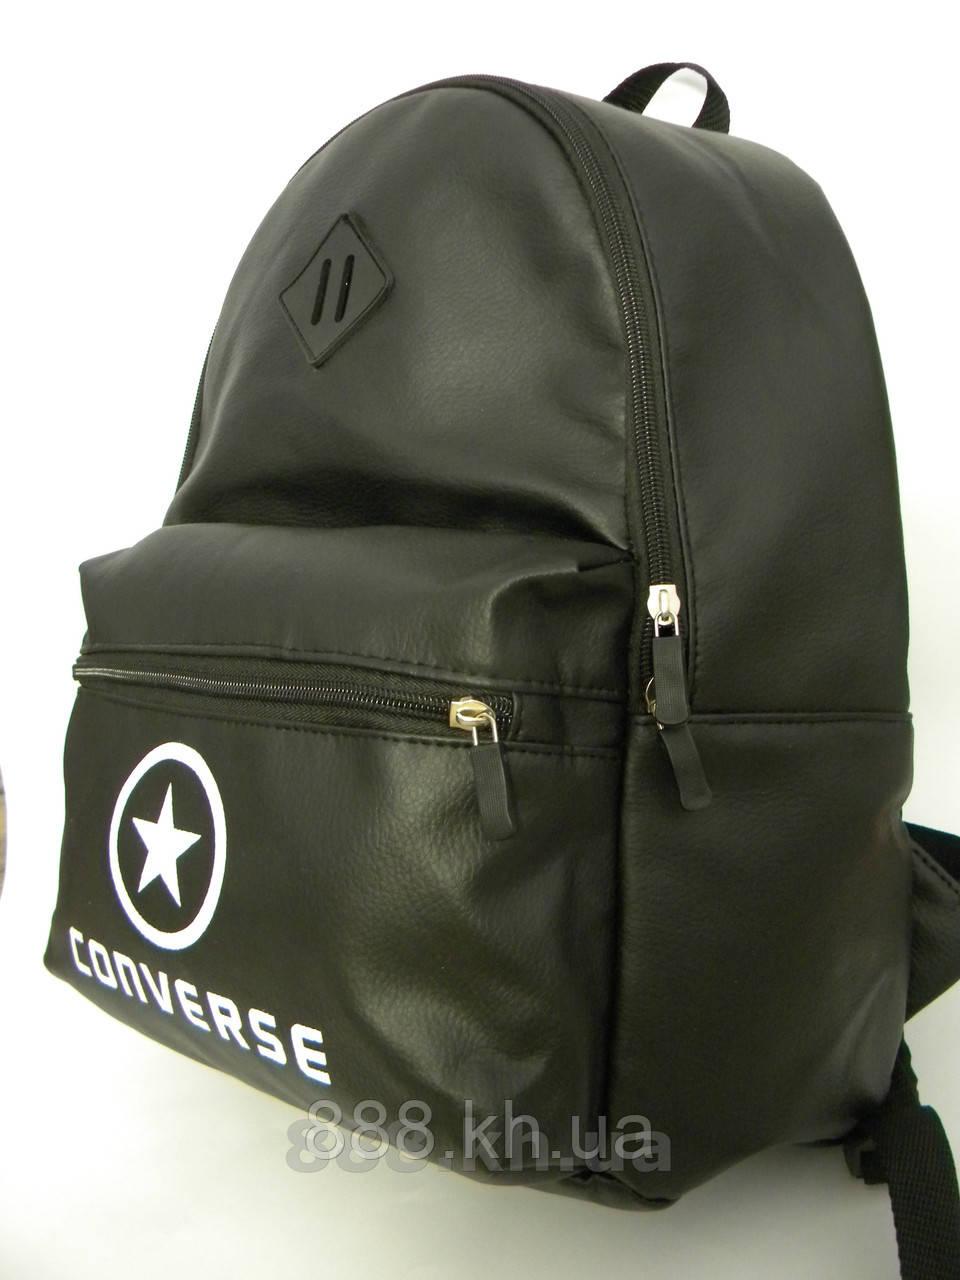 Стильный городской рюкзак Converse, рюкзак кожаный, черный кожаный рюкзак не оригинал